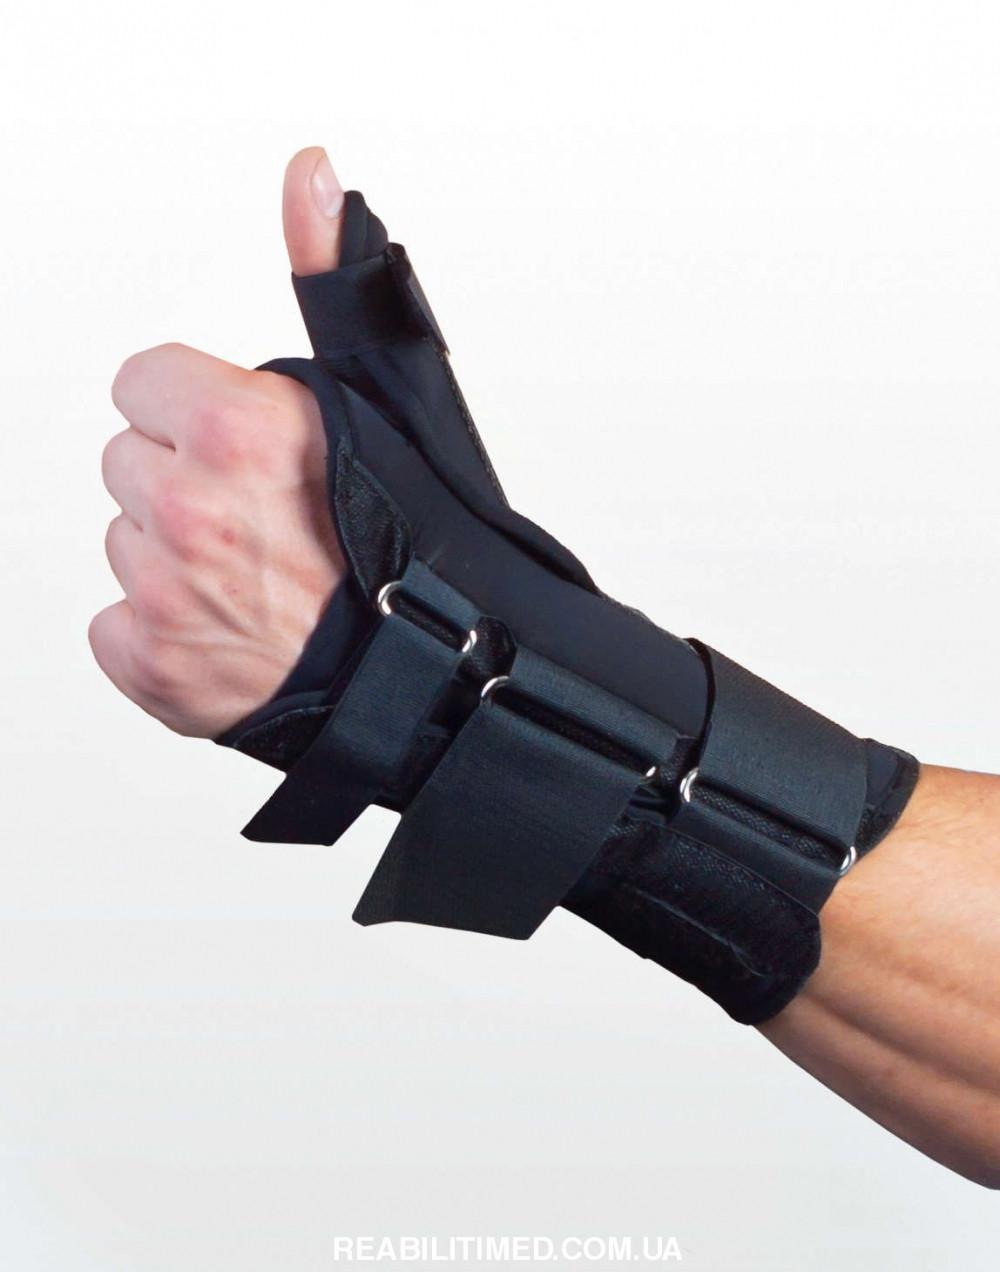 контрактура после эндопротезирования коленного сустава